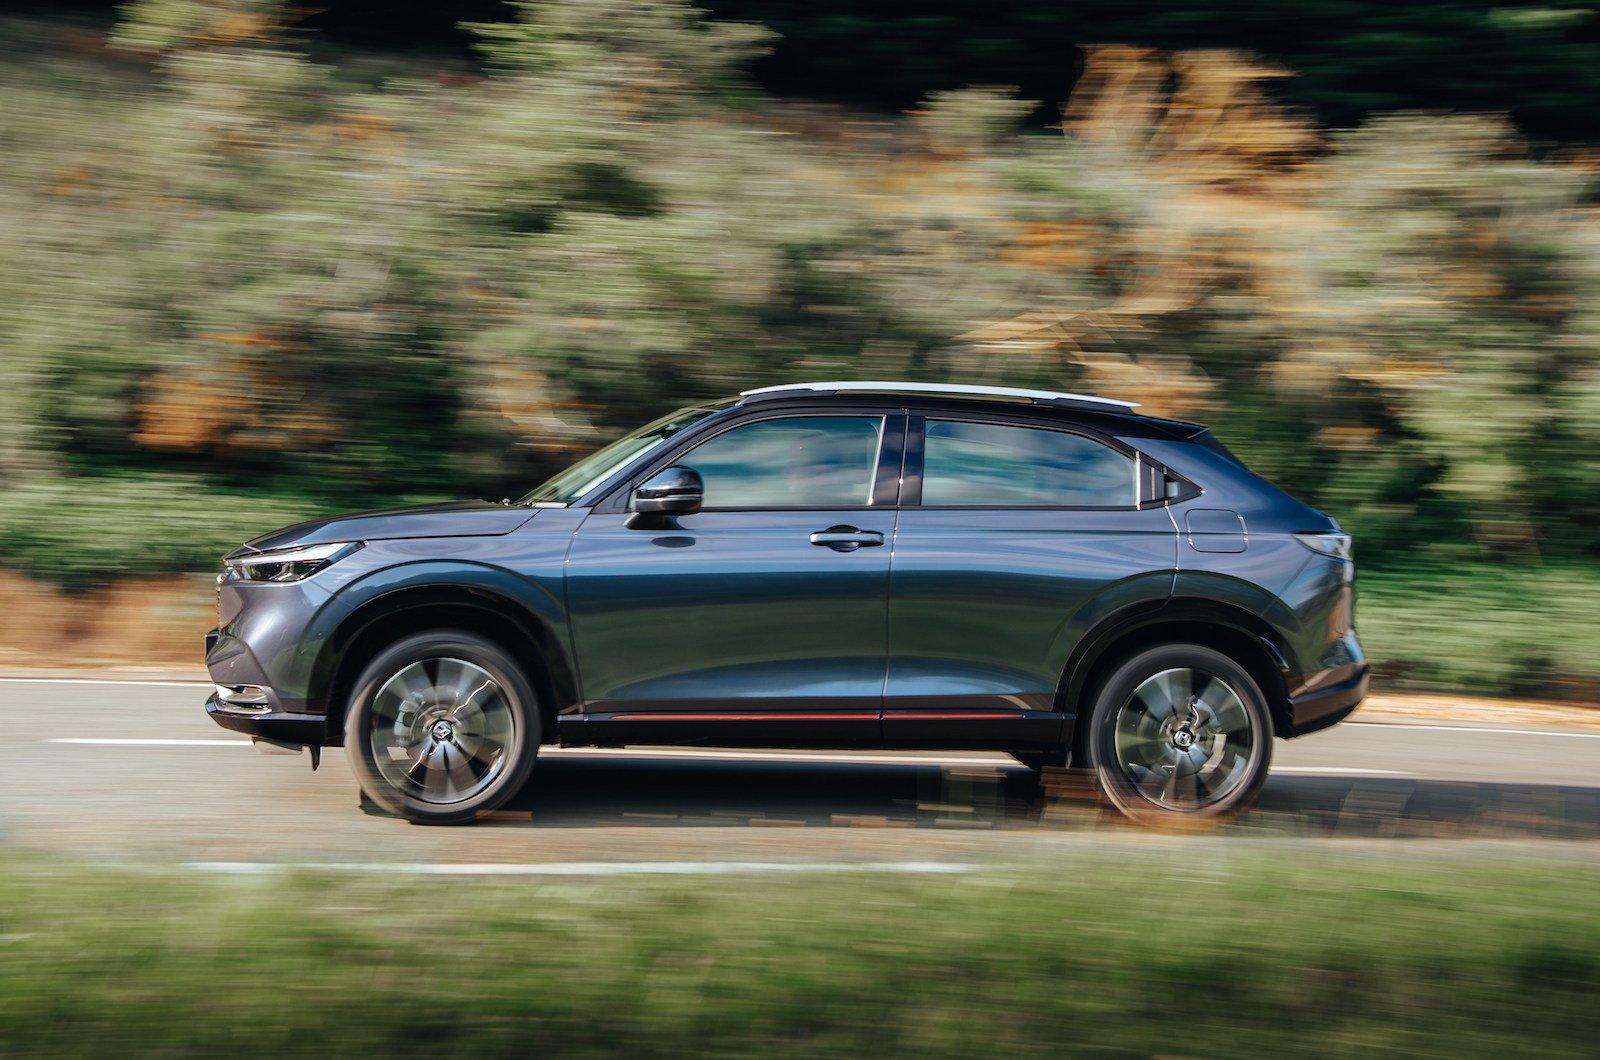 Honda HR-V 2021 left tracking